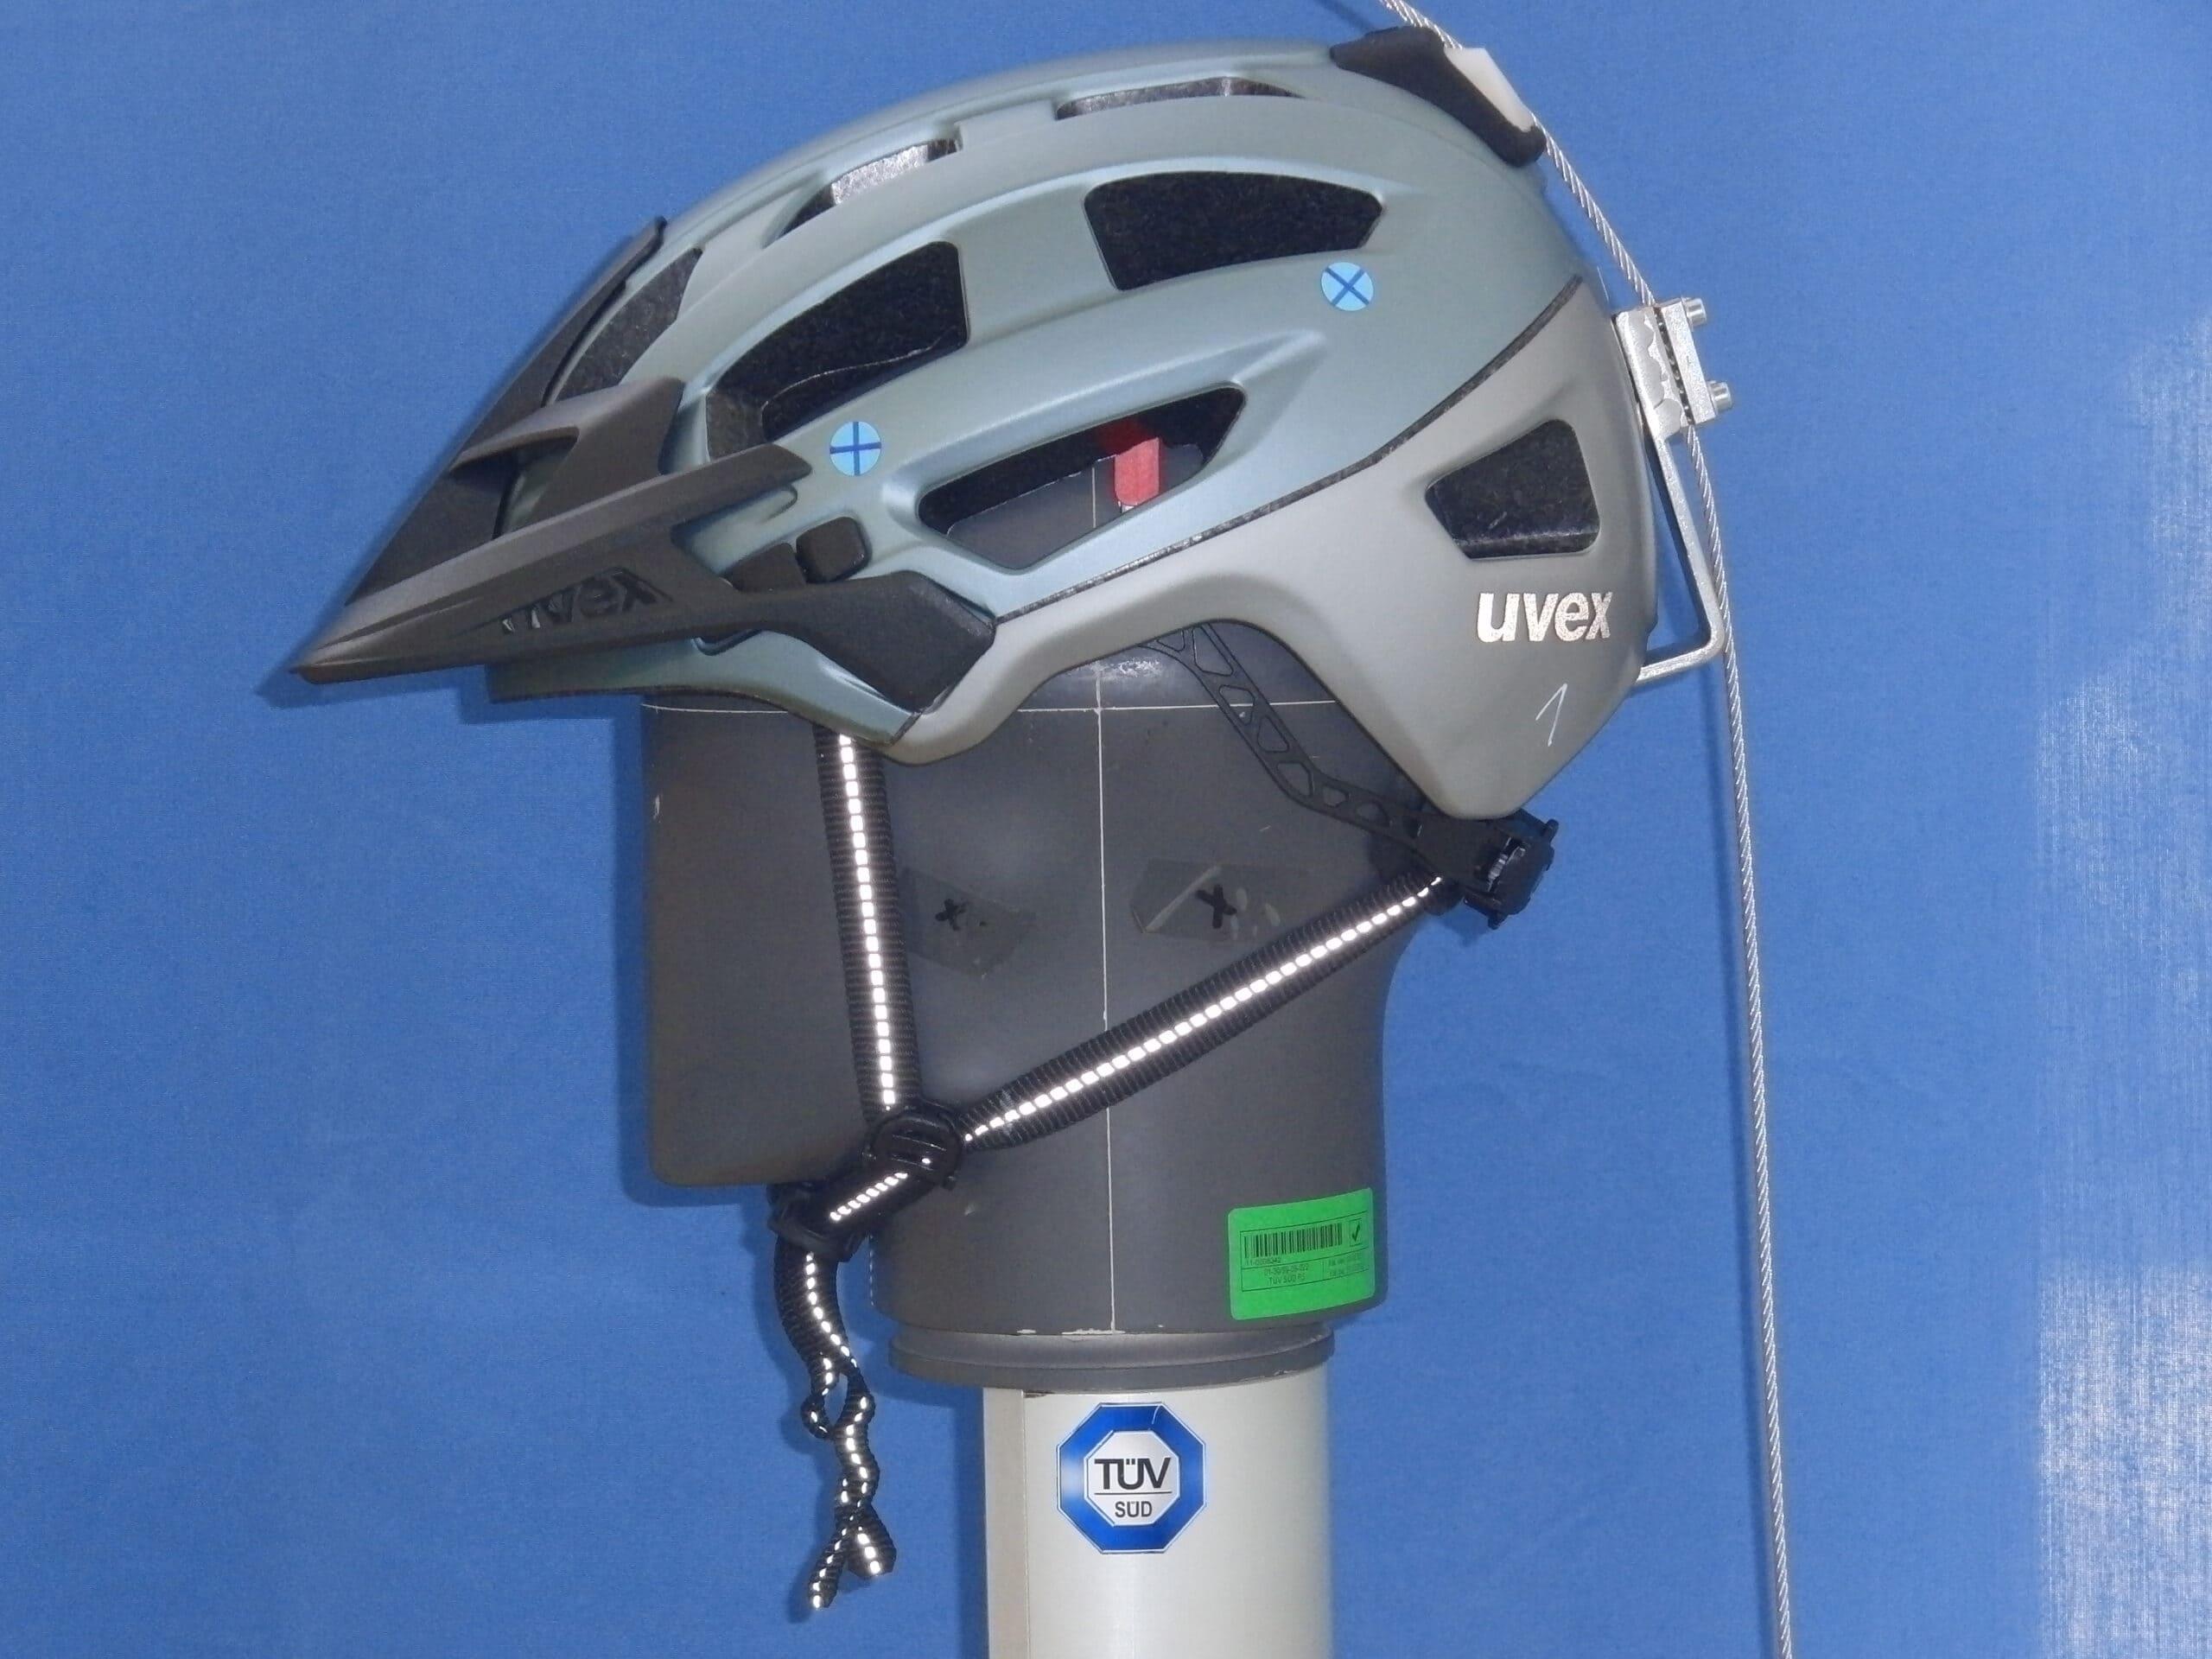 Uvex-Helm seitlich auf Dummy-Kopf mit eingehaktem Seil